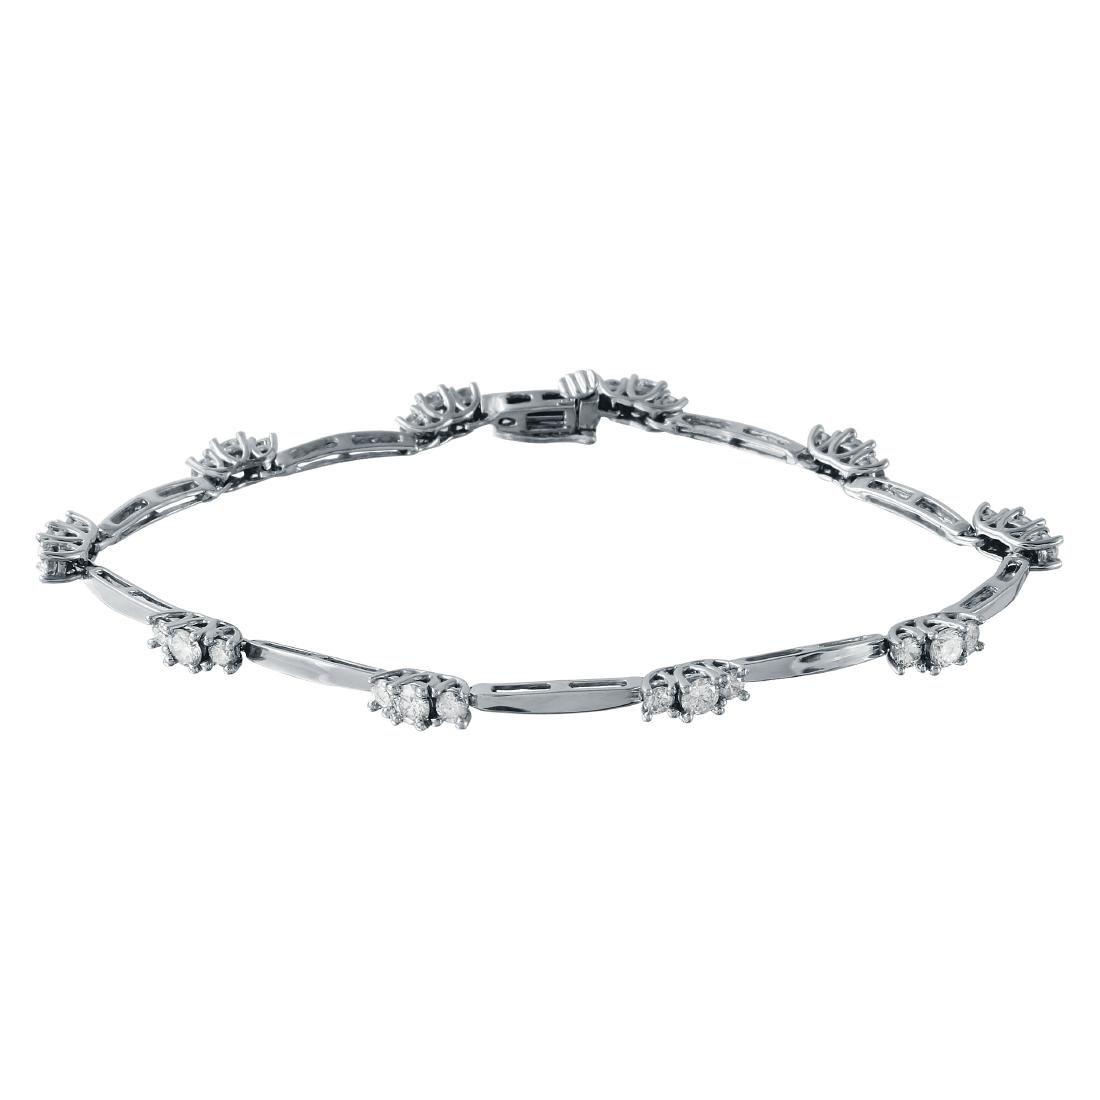 2.5 CTW Diamond & Link Bracelet 14K White Gold -